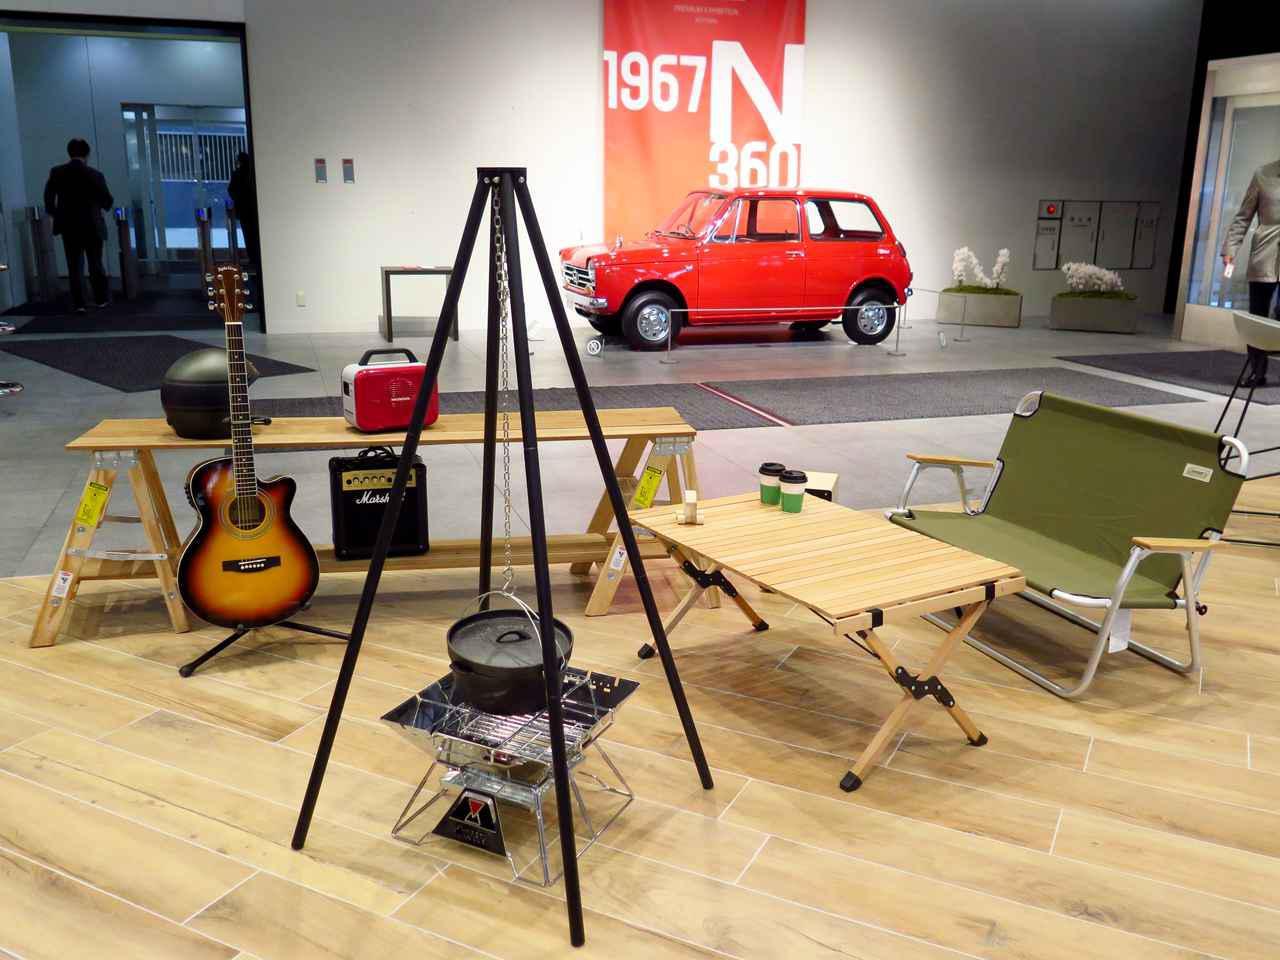 画像: こんなくつろぎ空間も。奥には1967年に発売されたN360が展示されています。